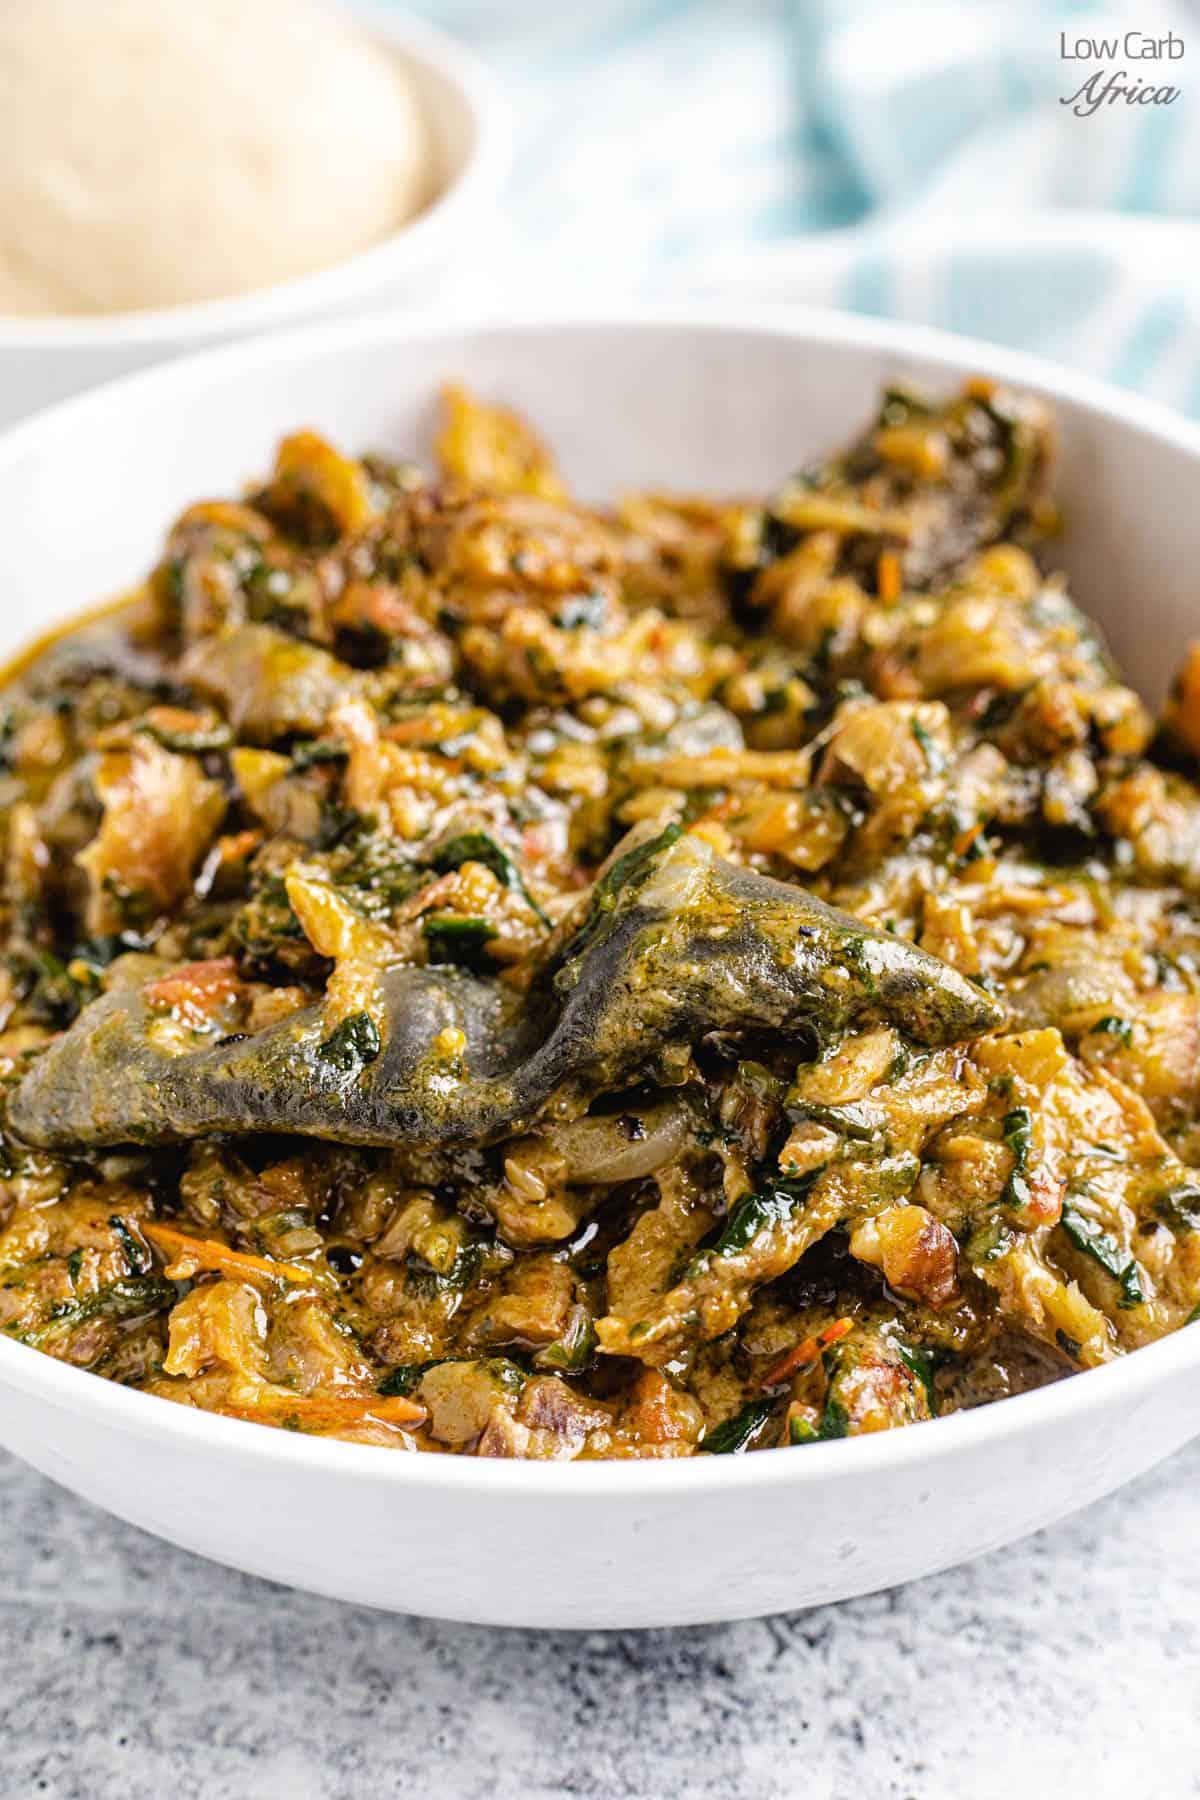 fumbwa congolese recipe